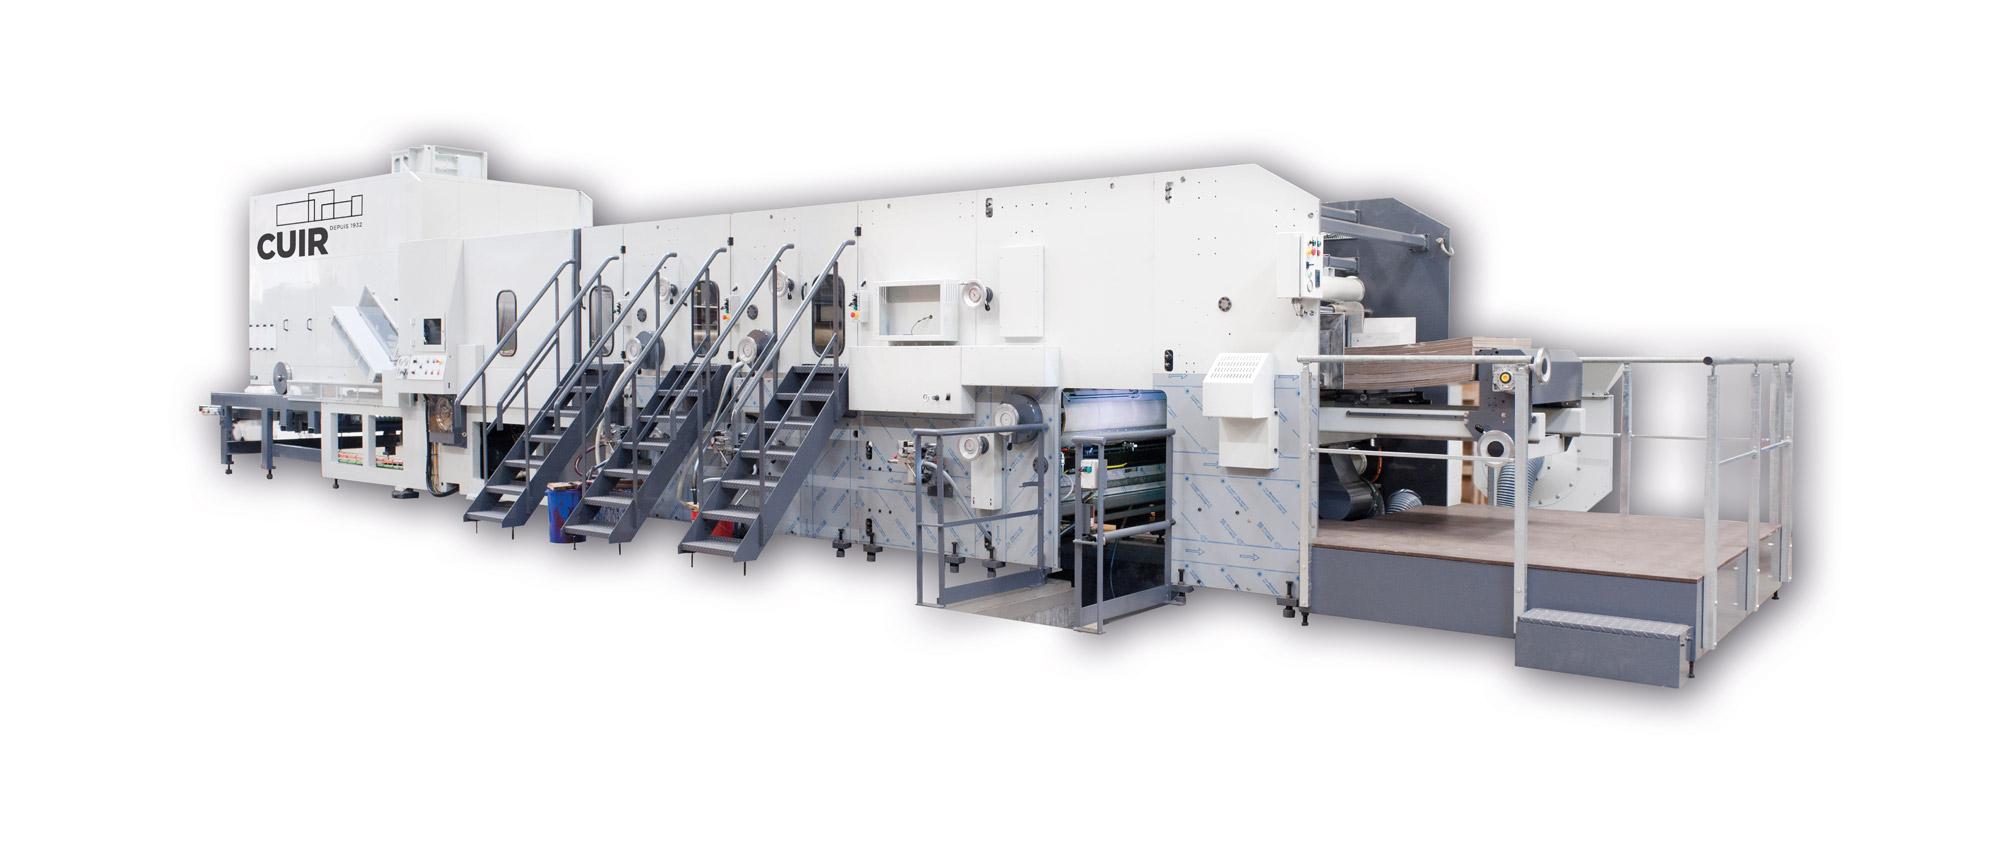 MRV I/O - RDécoupeuse à plat avec groupes imprimeurs pour intérieur boîte ou extérieur boîte (dessus ou dessous) en qualité supérieure